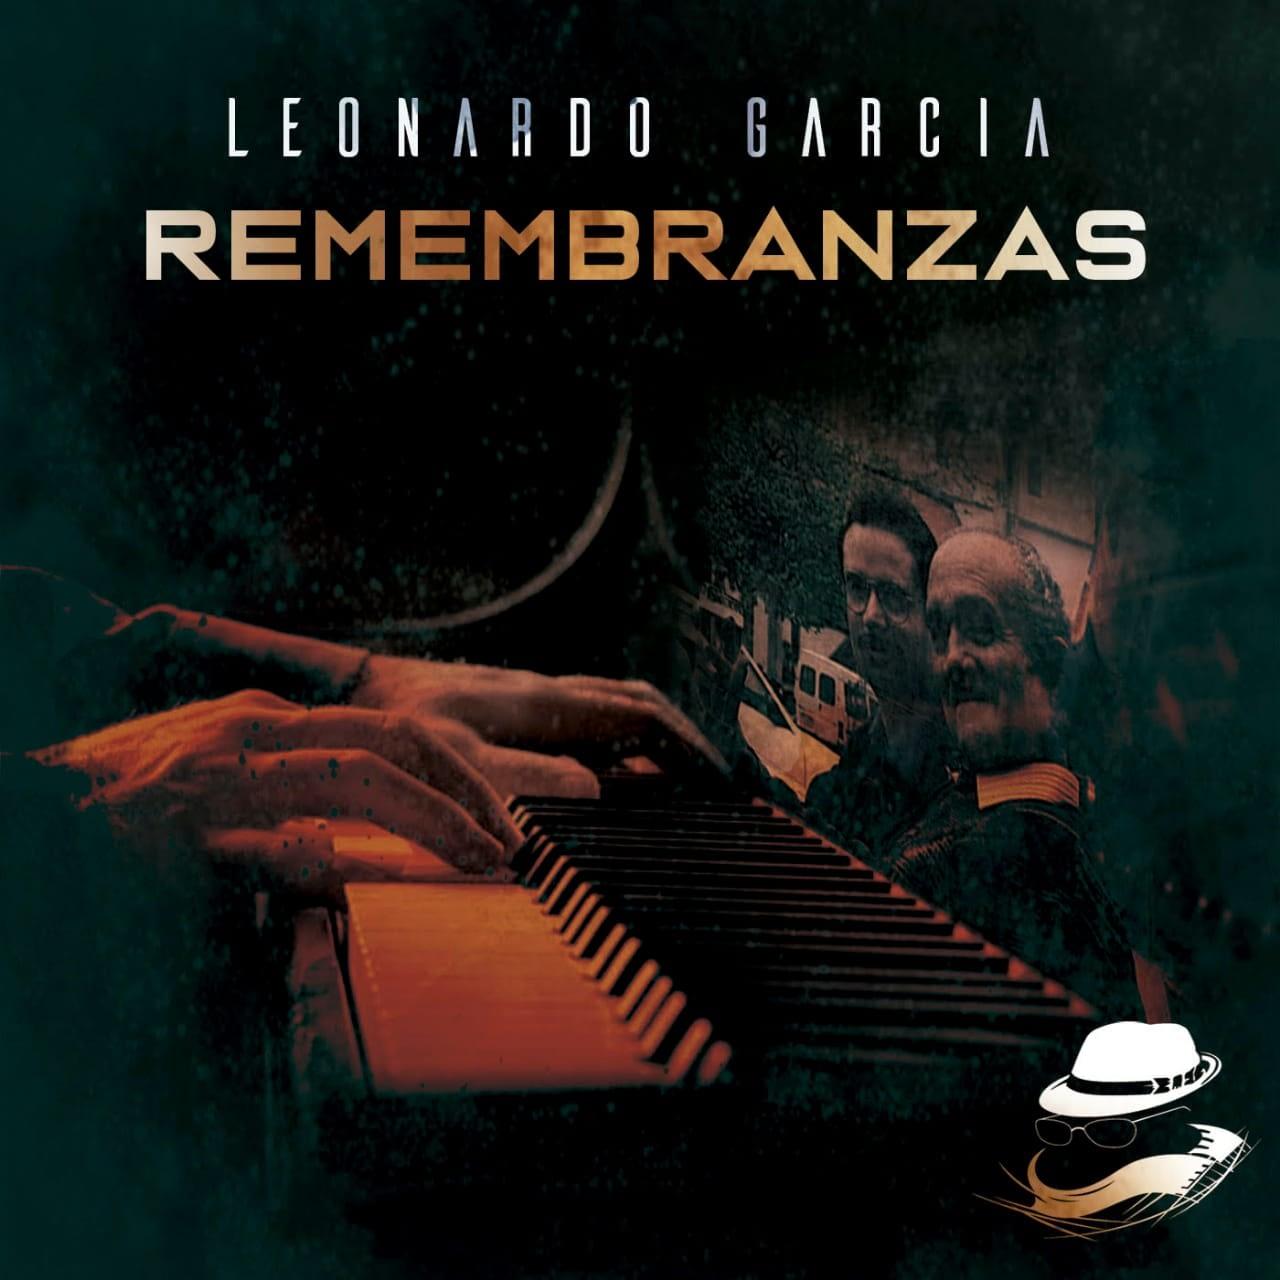 Remembranzas - Leonardo García